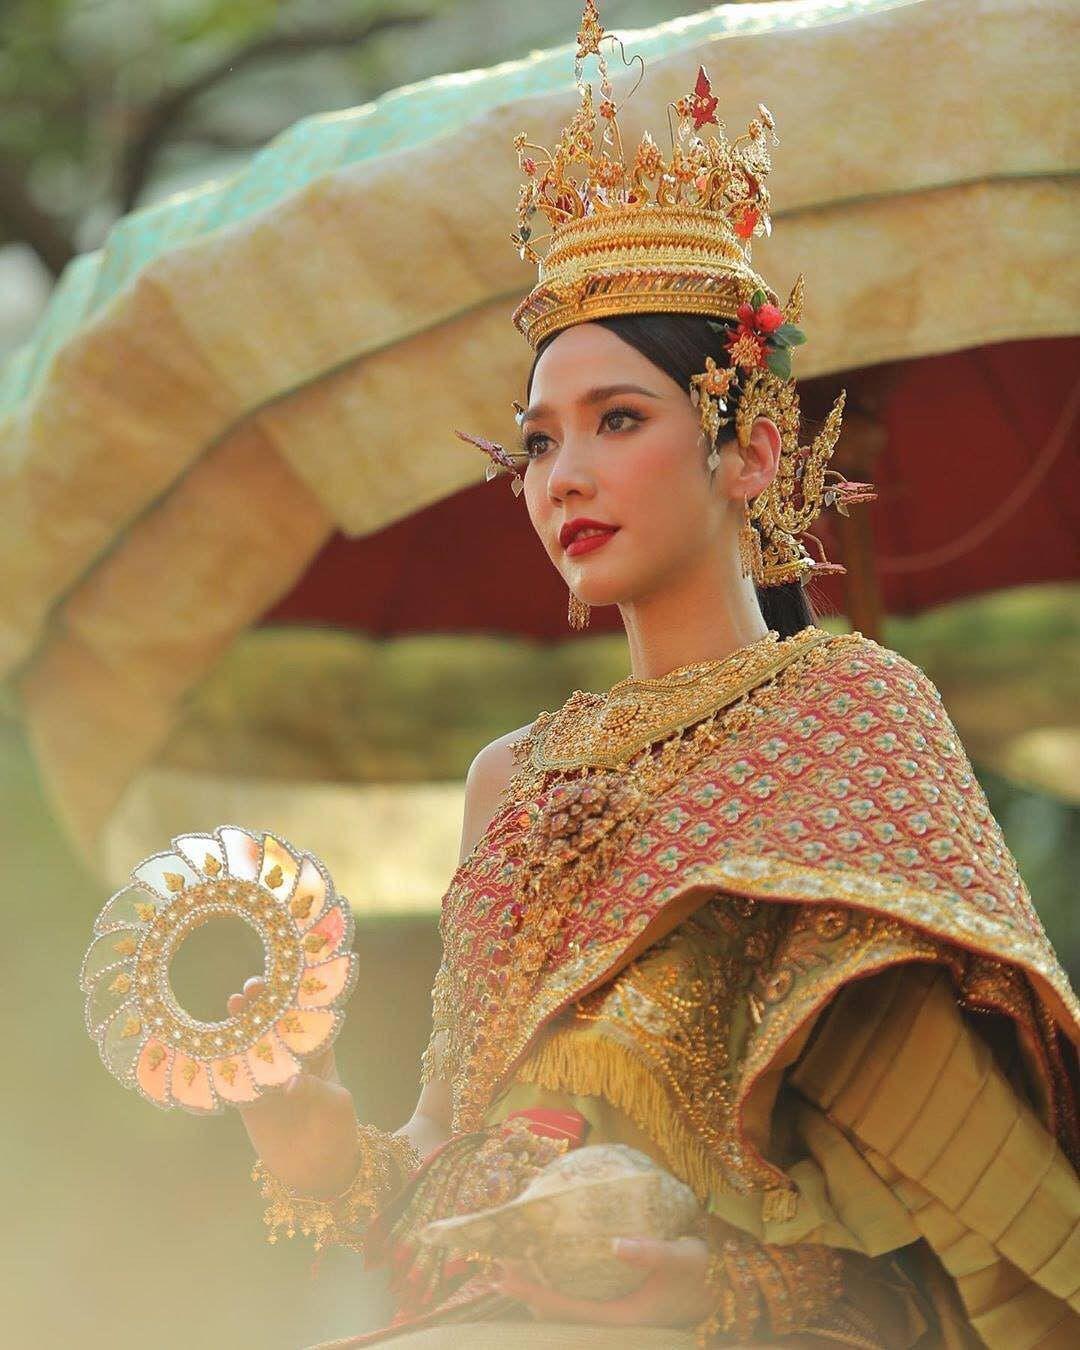 Ngắm nhăn sắc đỉnh cao của dàn mỹ nhân Tbiz khi hóa nữ thần tại Songkran 2019 (12)